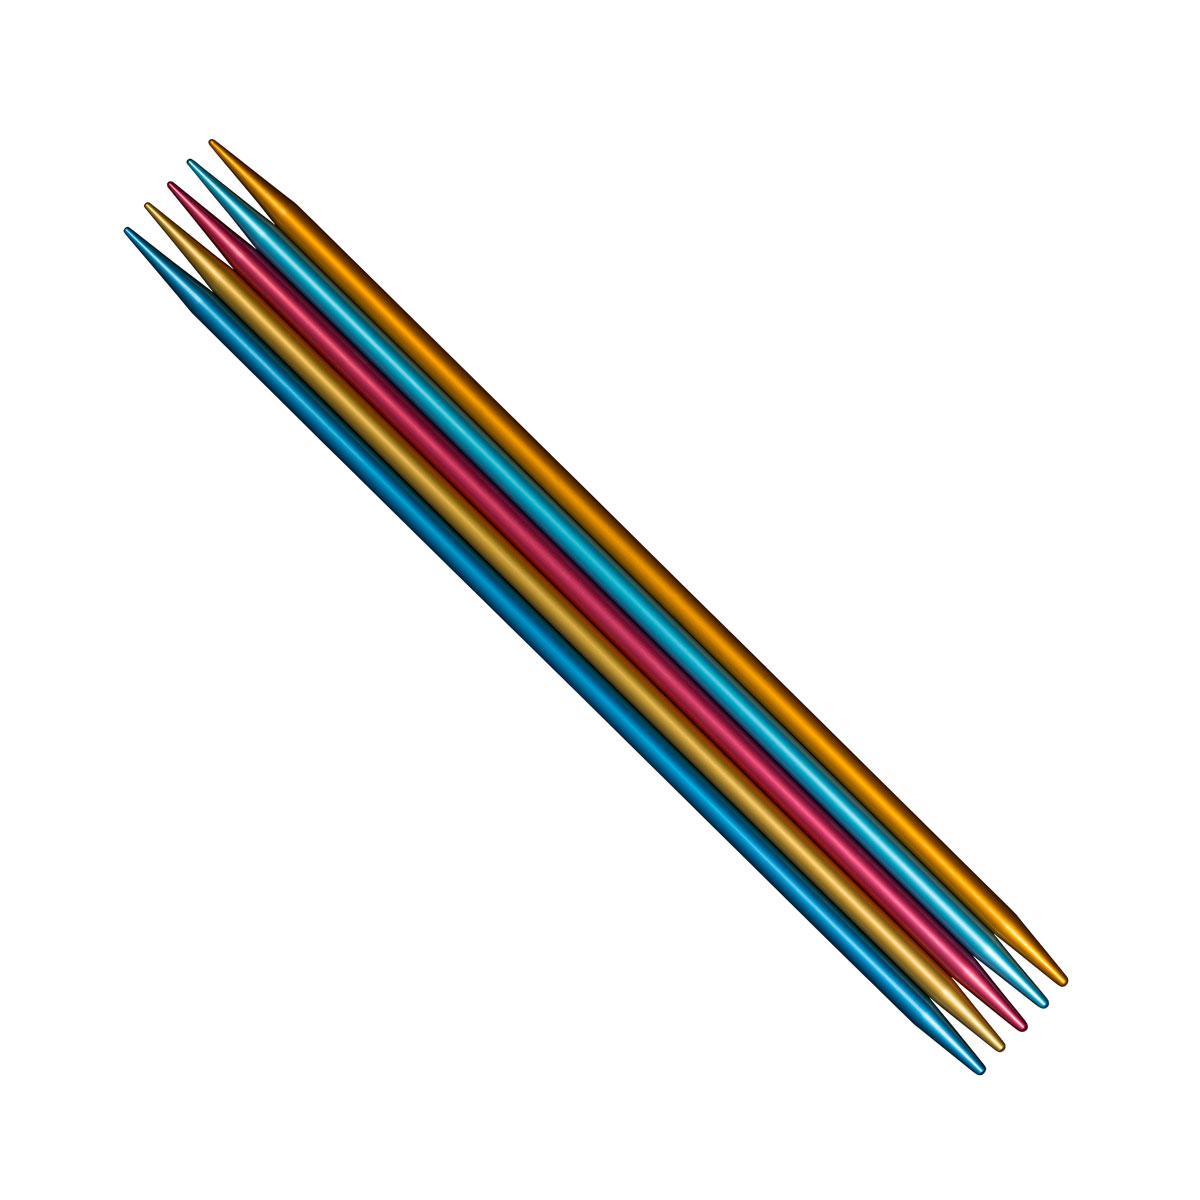 ADDI Спицы, чулочные, сверхлегкие Colibri, №4, 20 см, 5 шт204-7/4-20Спицы Colibris имеют отличительный цвет и структуру. За счет полого и легкого материала руки при вязании практически не устают, что особенно важно при вязании спицами толстых размеров. Внешняя поверхность спиц особенно гладкая, а ощущения от вязания самые комфортные, так как материал быстро принимает тепло рук. Полное отсутствие соединений, либо каких-то плохо обработанных кончиков, как на пластике. Каждая спица блестит за счет своей анодированной пестрой поверхности, что особенно нравится молодой аудитории. Яркий цвет часто является козырем, как и в пряже для ручного вязания. Защищенная патентом технология чулочной спицы имеет неоспоримое преимущество. Потребитель приобретает продукт, у которого две различные функции, так как это две спицы с коротким и длинным кончиком одновременно. Комплекты толщиной от 5,5 мм имеют 23 см длинны вместо 20 см, что является неоспоримым преимуществом при работе с более толстой пряжей, которая обычно занимает много места на спице.